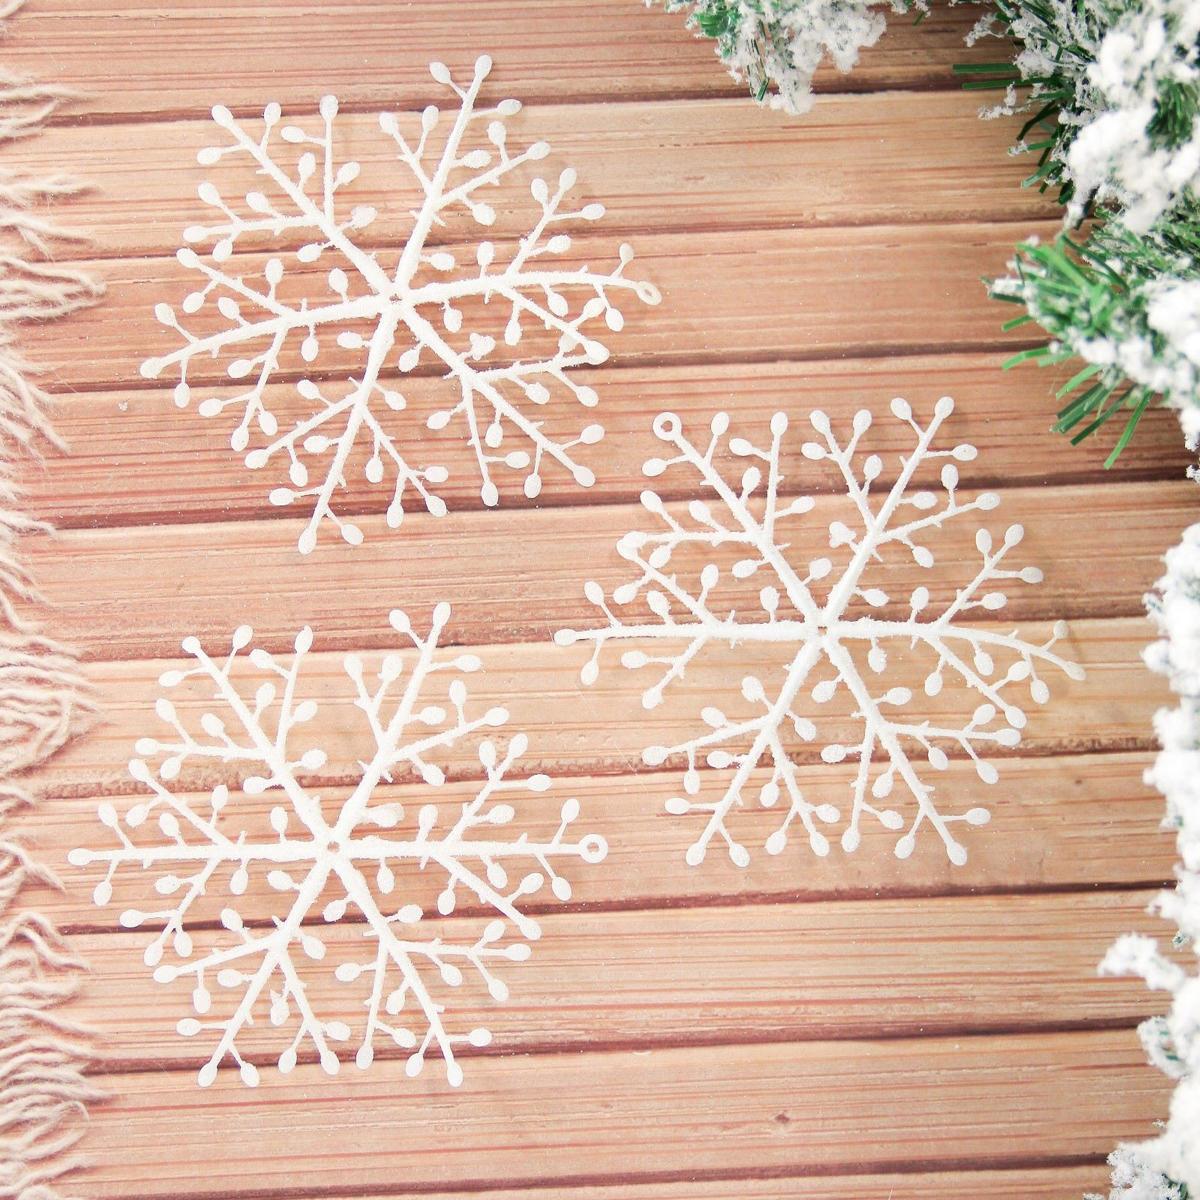 Набор новогодних подвесных украшений Снежинки, диаметр 13 см, 9 шт2155351Набор новогодних подвесных украшений отлично подойдет для декорации вашего дома и новогодней ели. С помощью специальной петельки украшение можно повесить в любом понравившемся вам месте. Но, конечно, удачнее всего оно будет смотреться на праздничной елке.Елочная игрушка - символ Нового года. Она несет в себе волшебство и красоту праздника. Такое украшение создаст в вашем доме атмосферу праздника, веселья и радости.